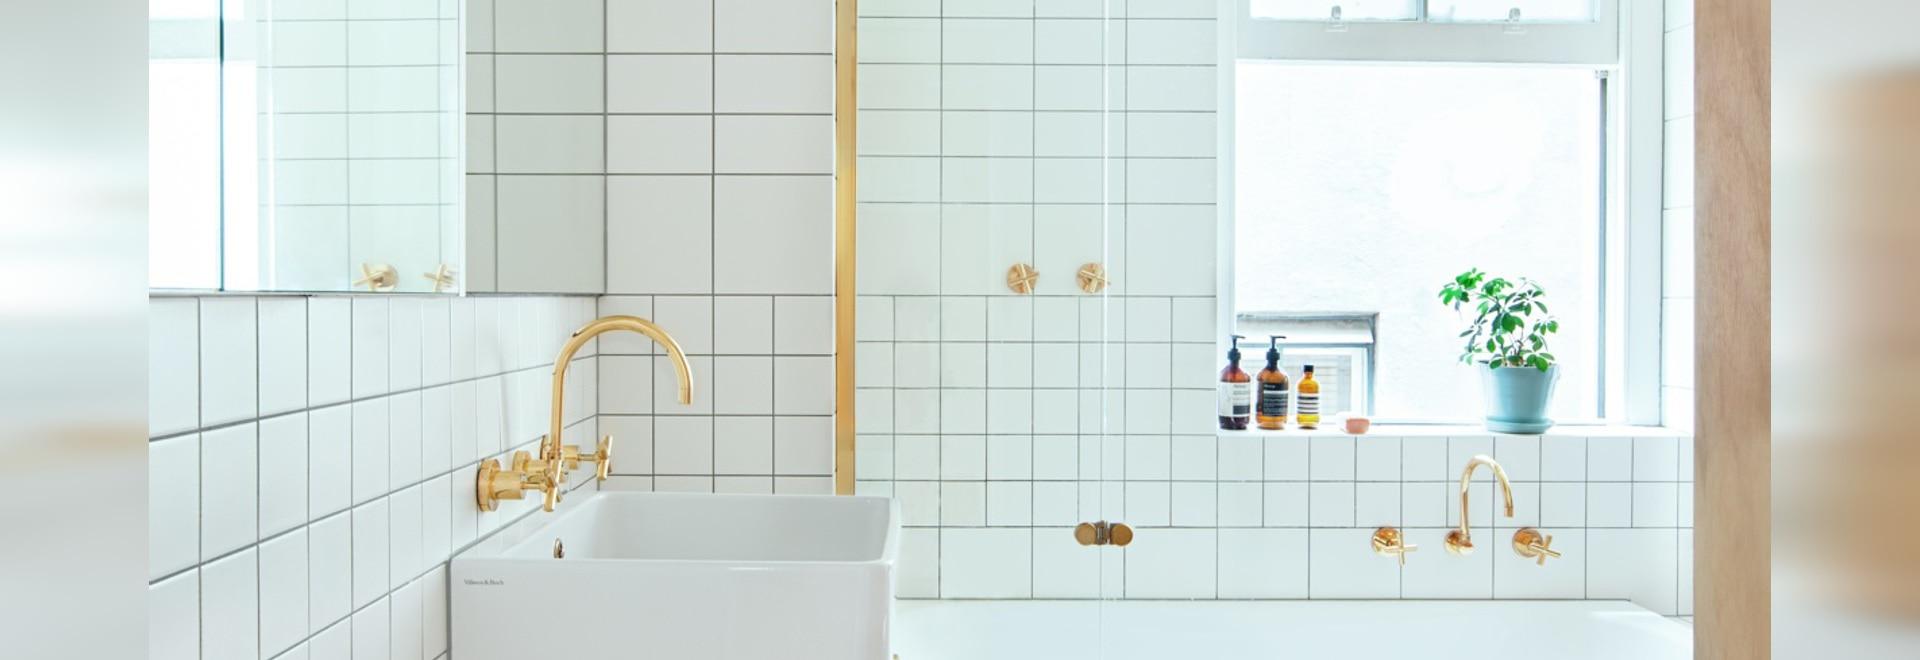 Deux Appartements Dans Le Modèle Japonais Minimaliste Moderne (inclut Des Plans  Du0027étage)